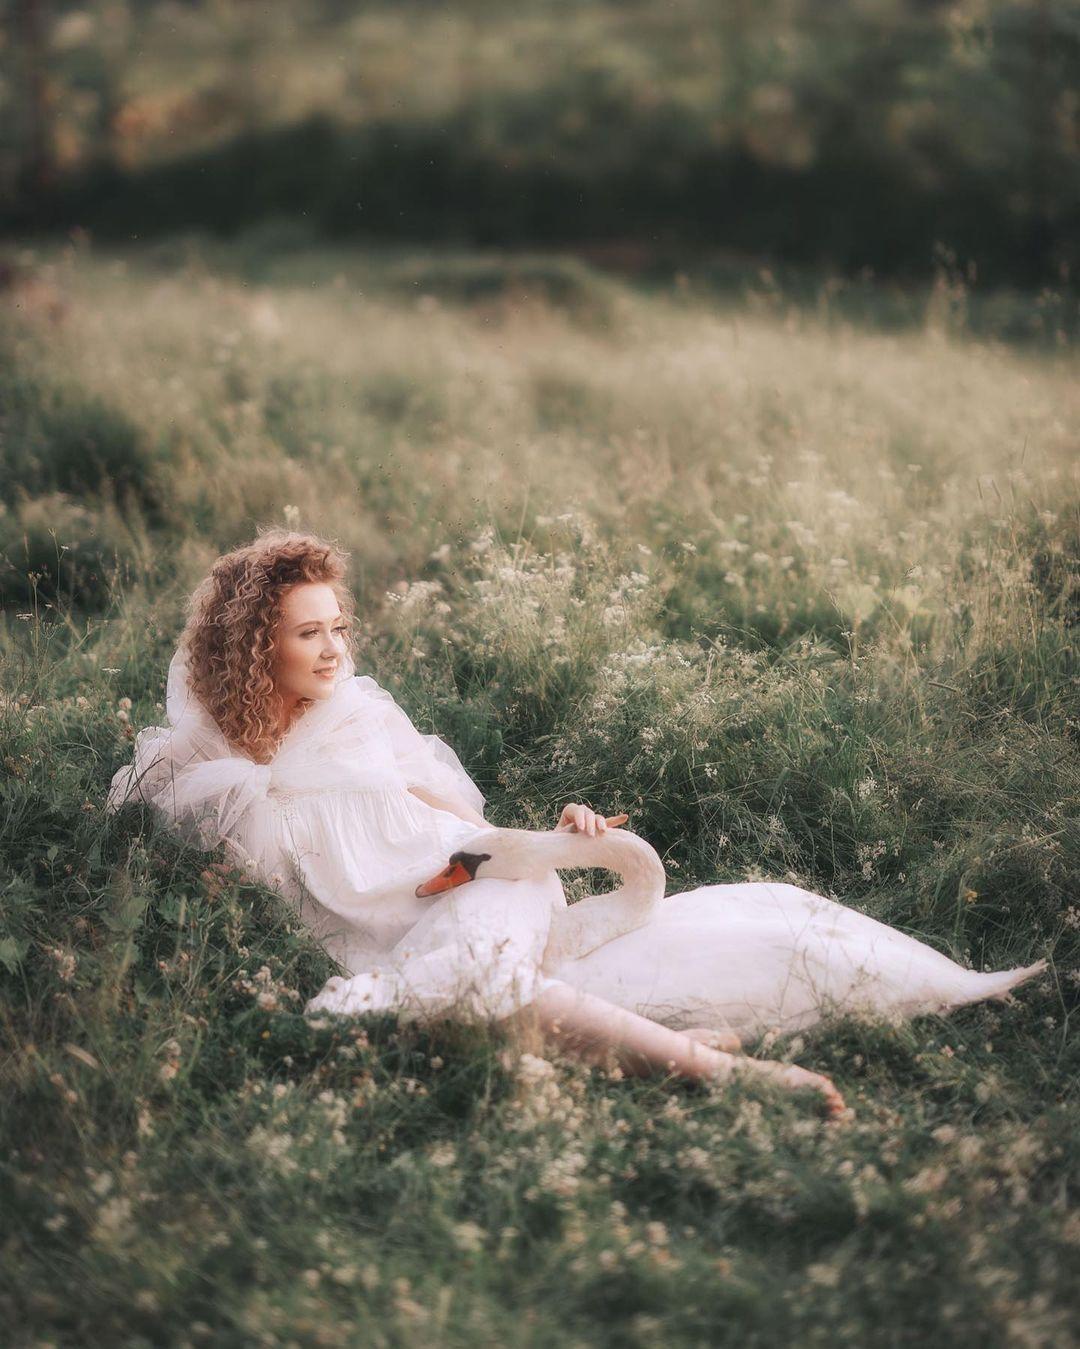 Художественные портреты девушек от Дарьи Булавиной